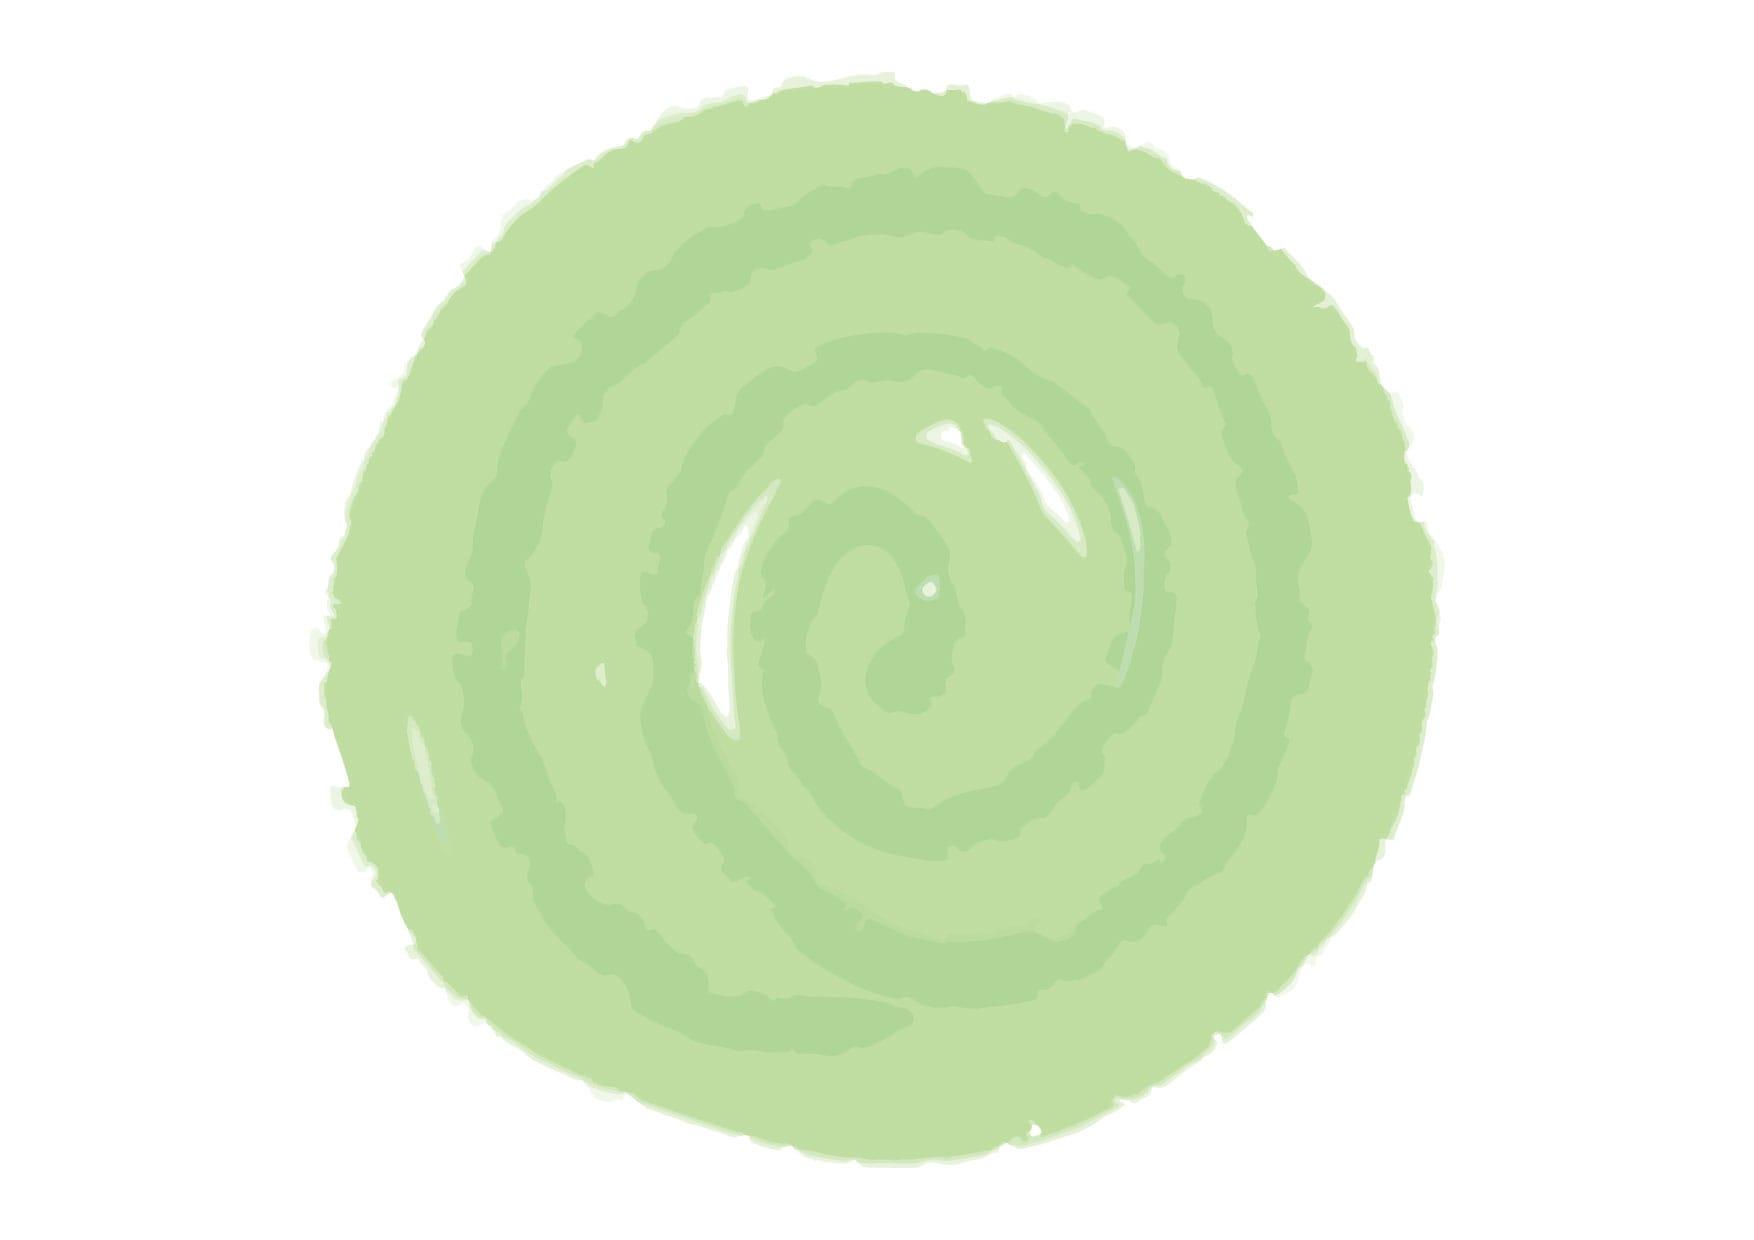 可愛いイラスト無料|水彩 背景 フレーム 緑色 − free illustration  Watercolor background frame green